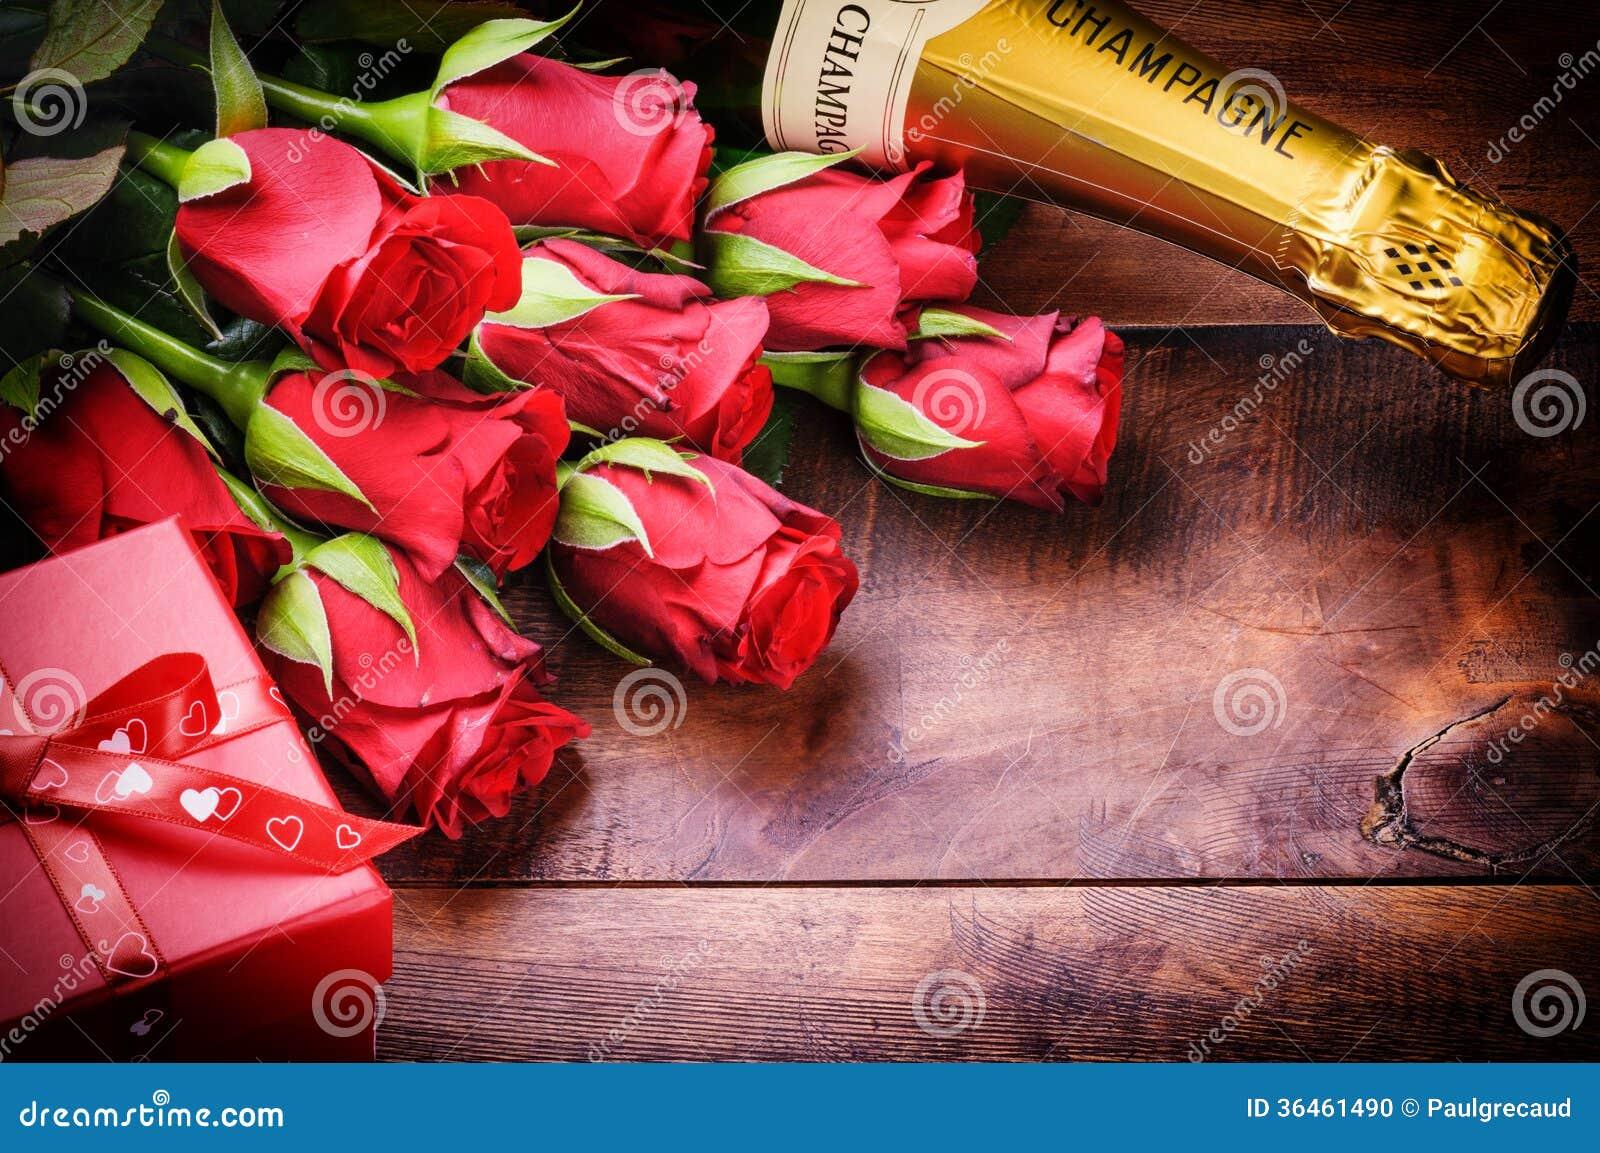 Die Einstellung des Valentinsgrußes mit roten Rosen, Champagner und Geschenk